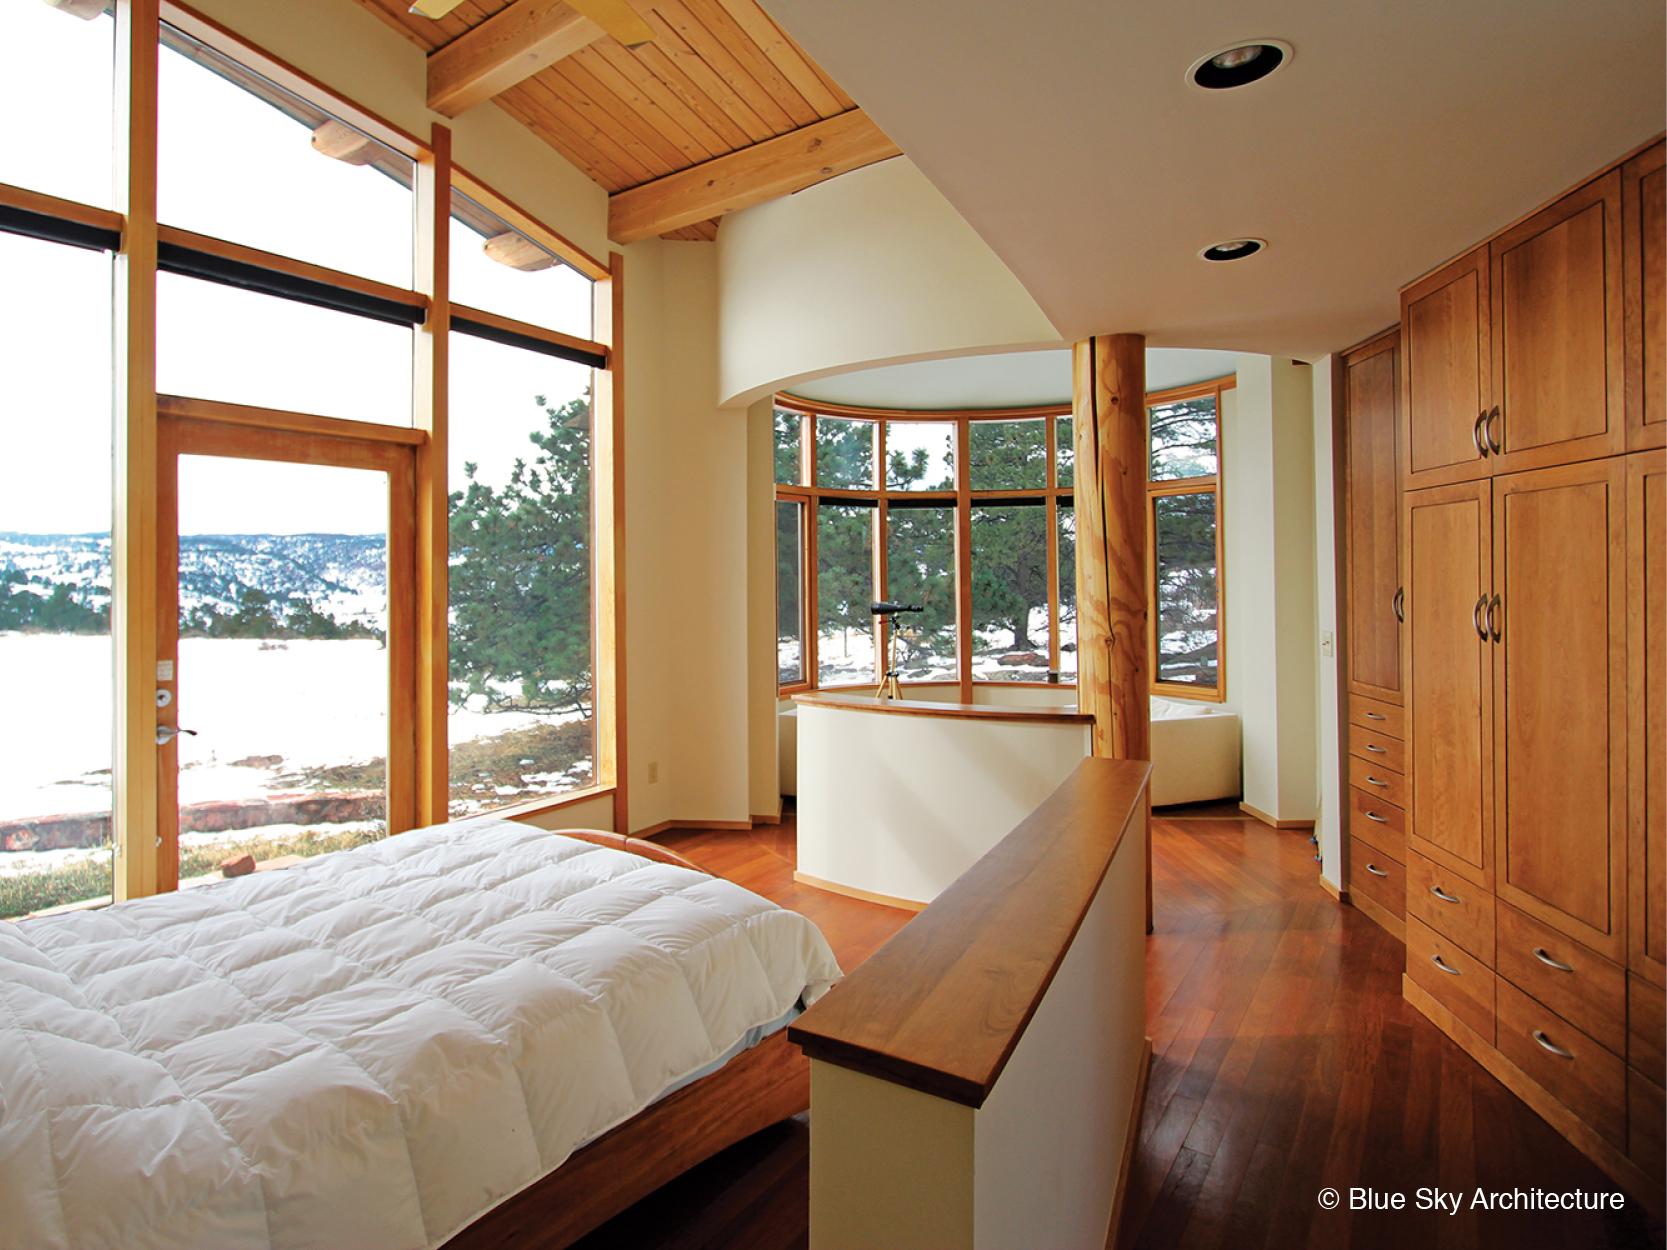 Bedroom Design with Natural Log Column